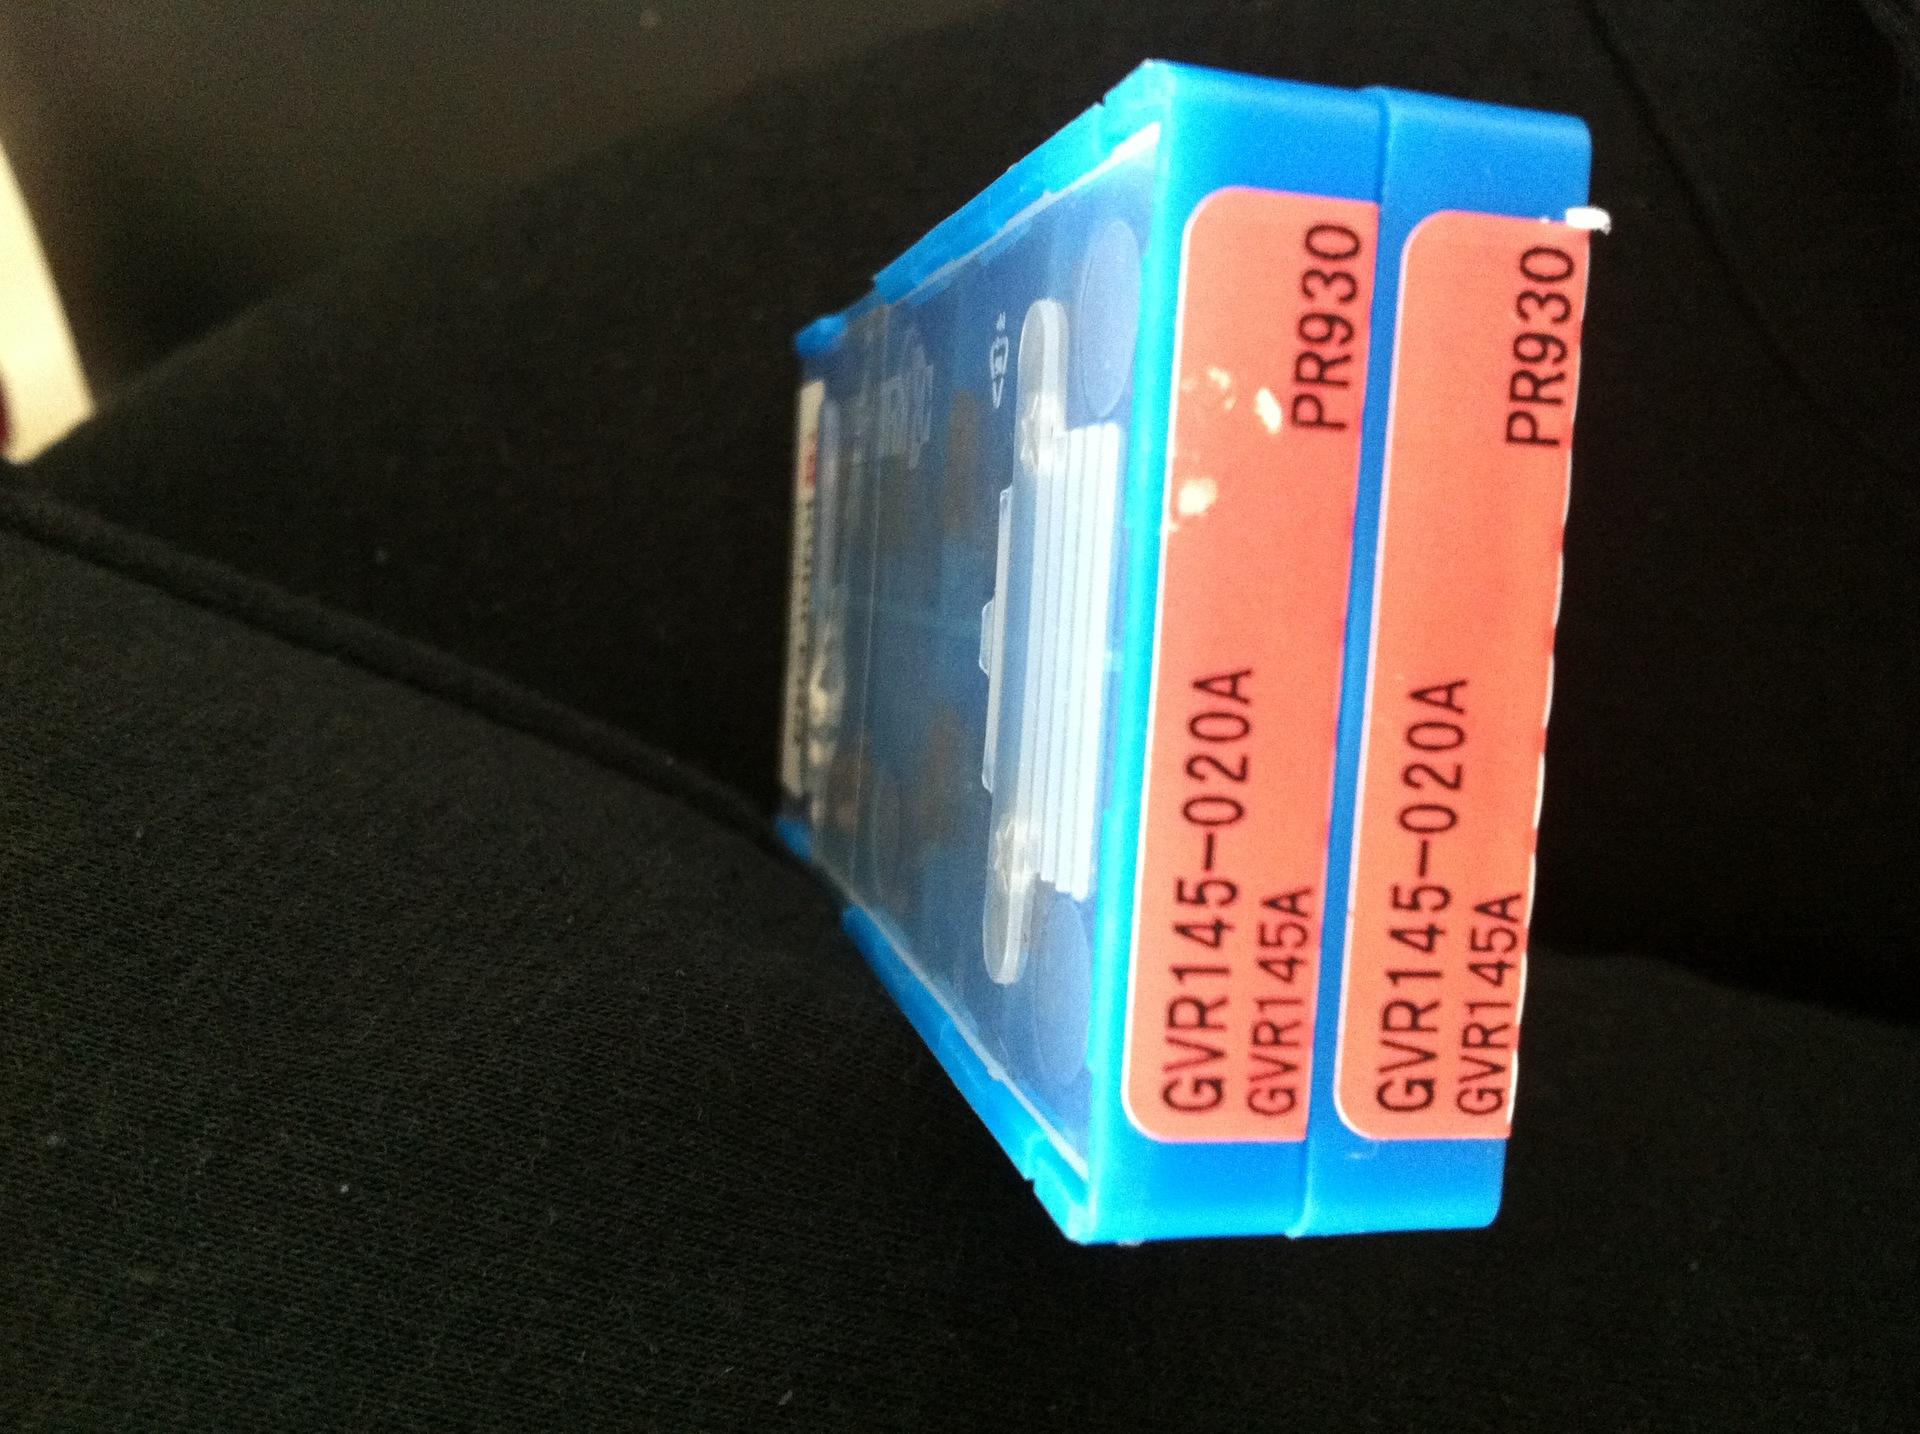 批发供应 京瓷配件 SB-2570TR 数控刀具 拍前询价